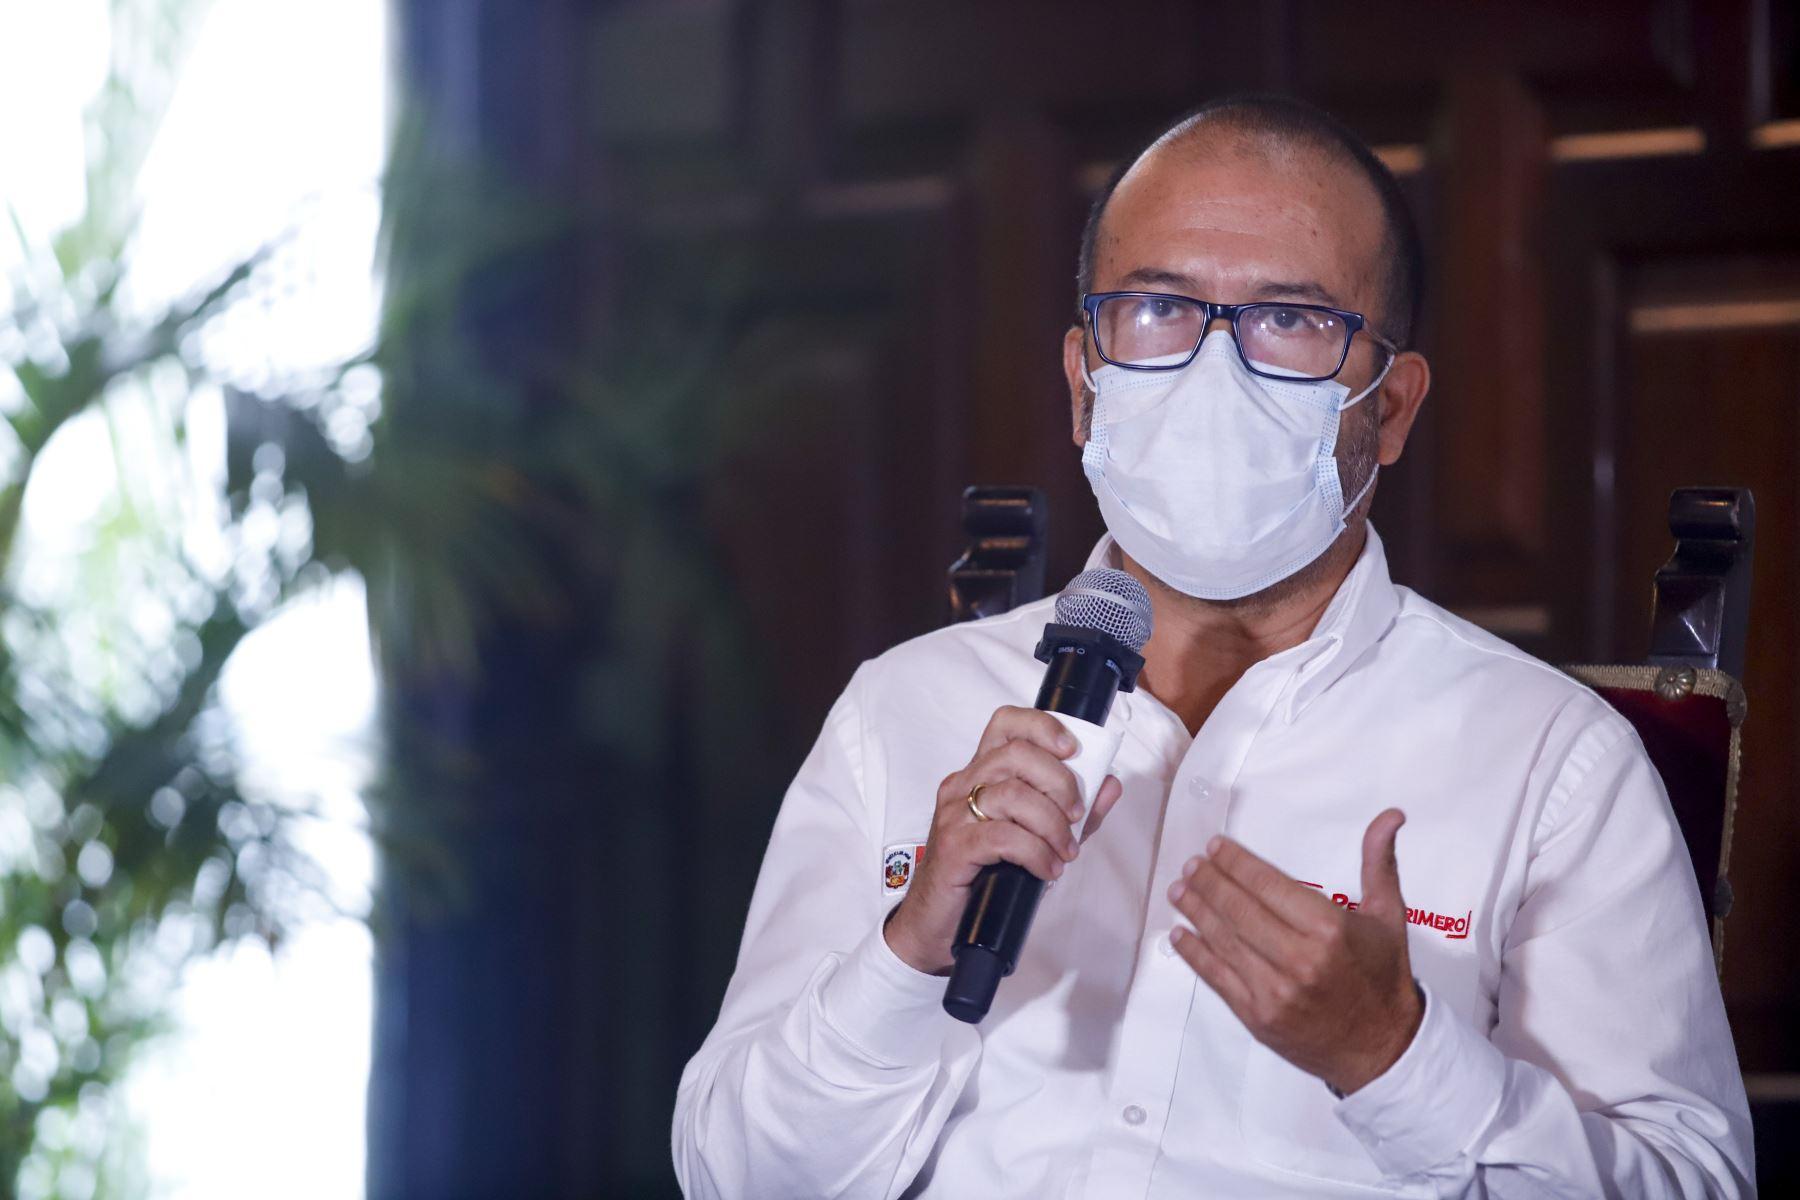 Ministro de Salud Víctor Zamora Mesía informa sobre medidas adoptadas por su sector, ante la emergencia nacional por el coronavirus. Foto: ANDINA/ Prensa Presidencia